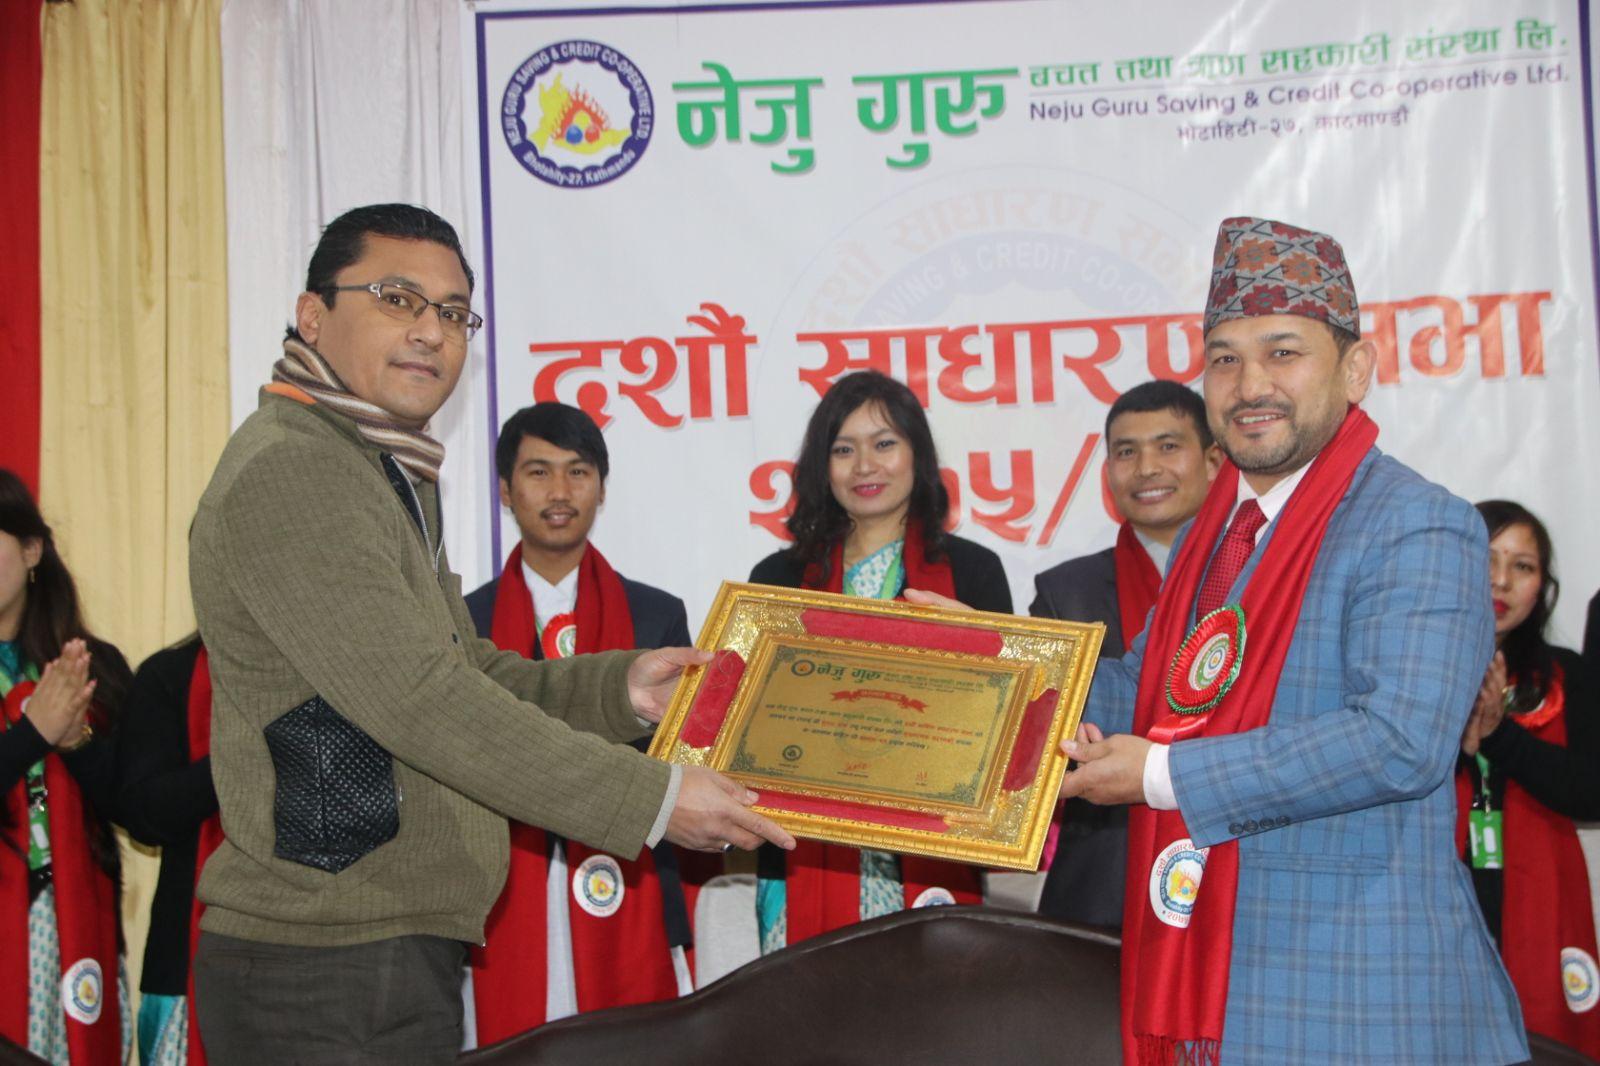 Sulab Shrestha - Best Customer Award